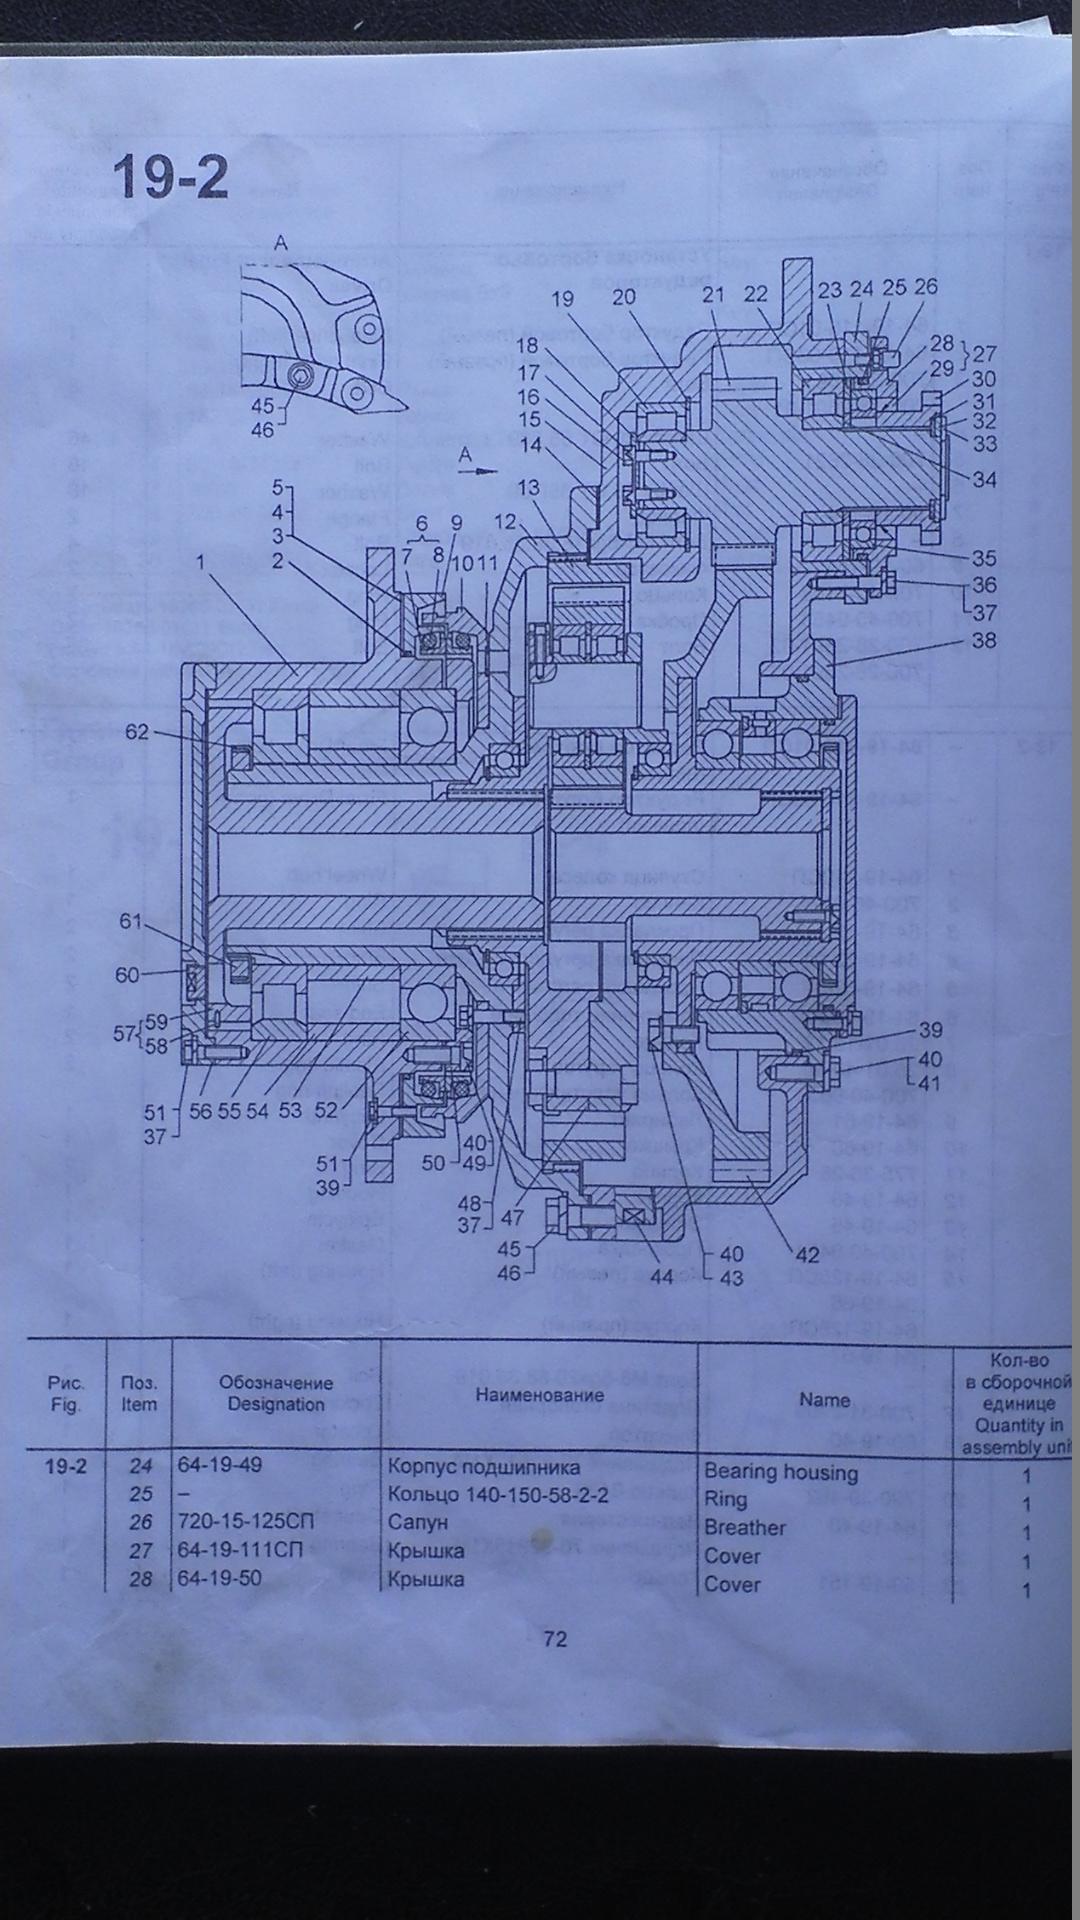 Уплотнение торцевое 64-19-108СП бортового редуктора Б12 поз.6.